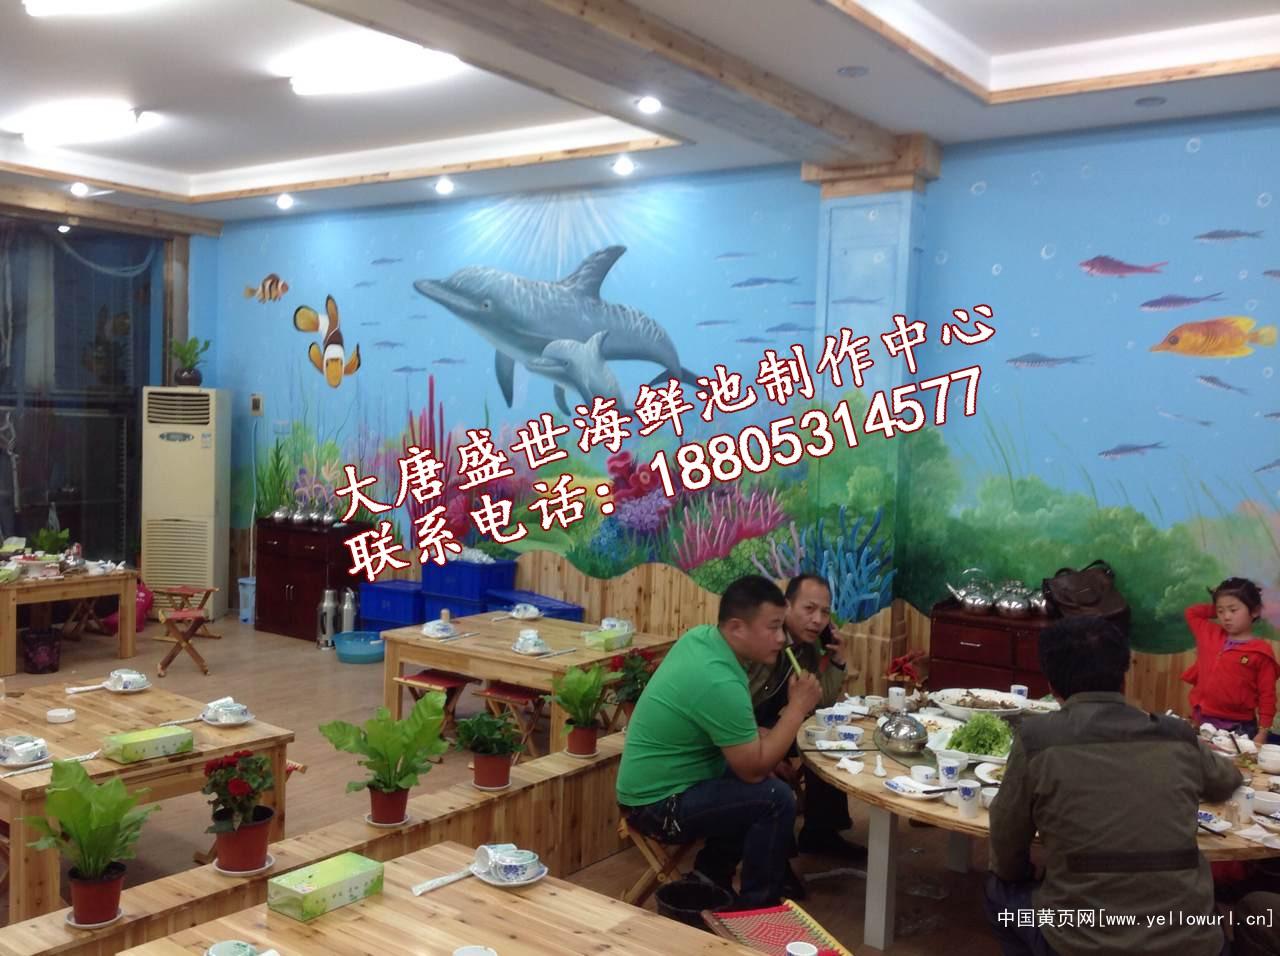 以下的,济南海鲜酒店墙面绘画,聊城海鲜酒店墙面绘画,青岛墙体